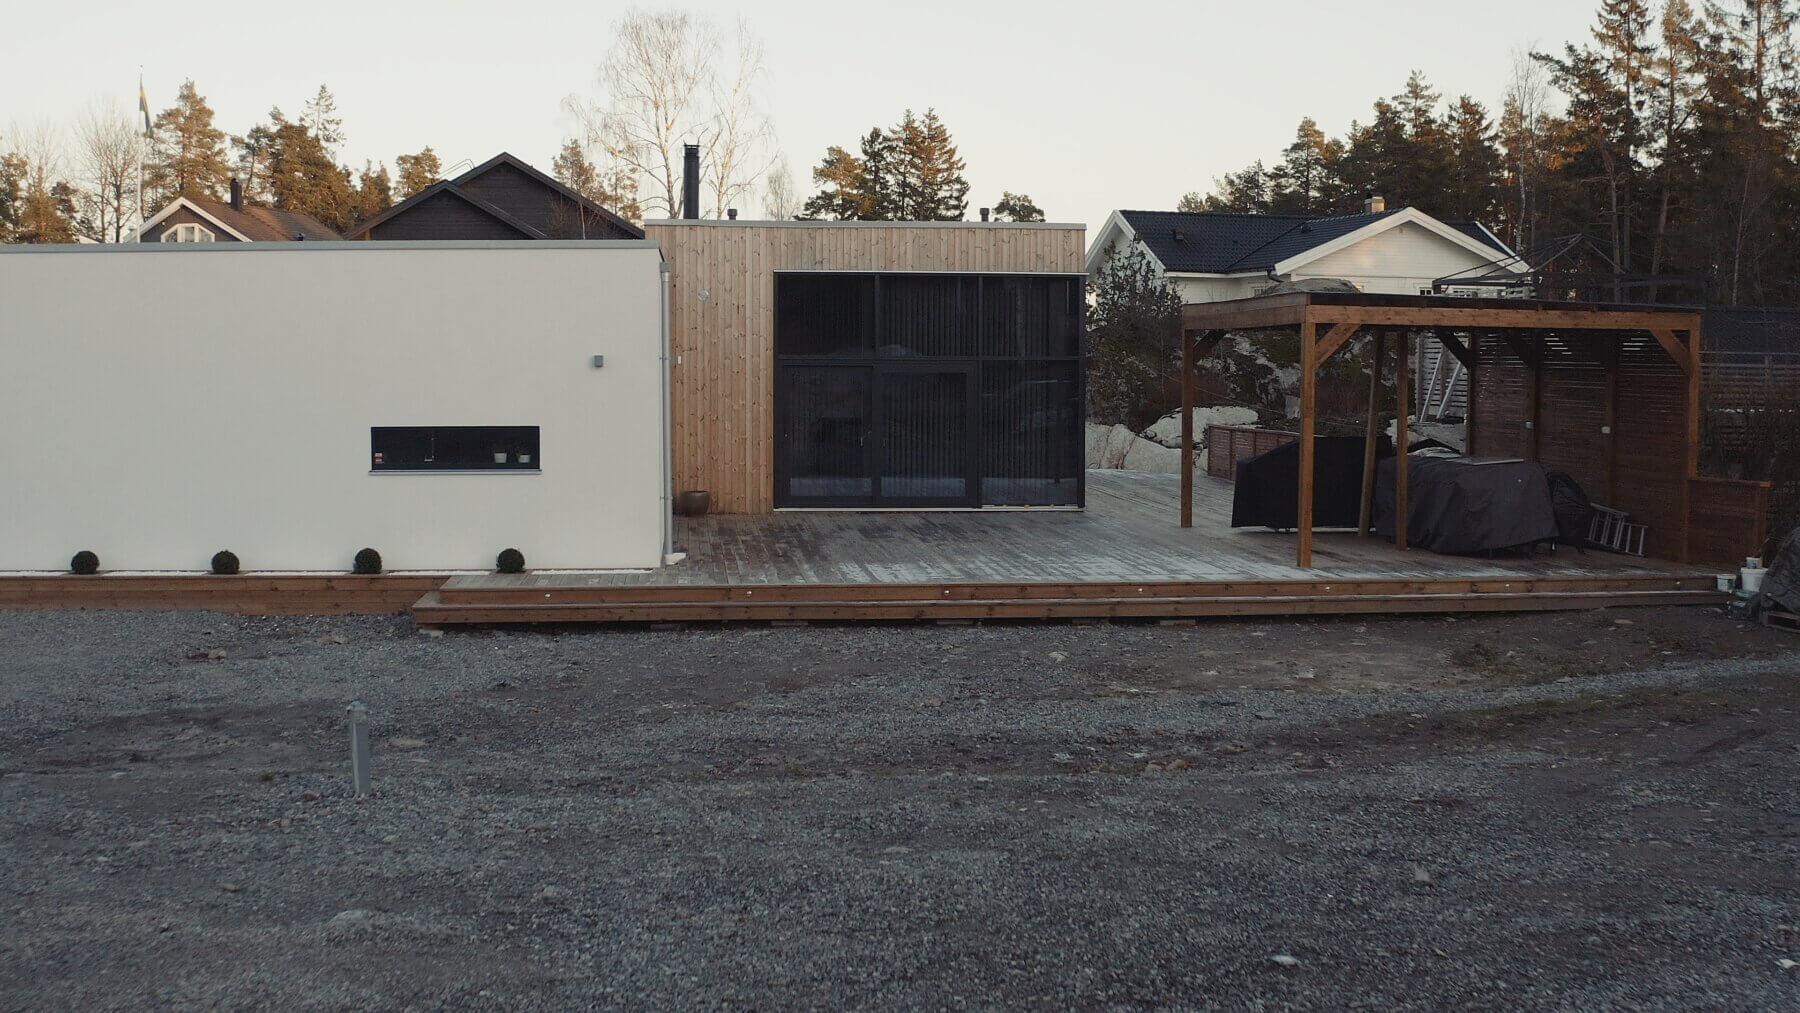 Arkitektritat modulhus med putsad fasad och thermowood panel